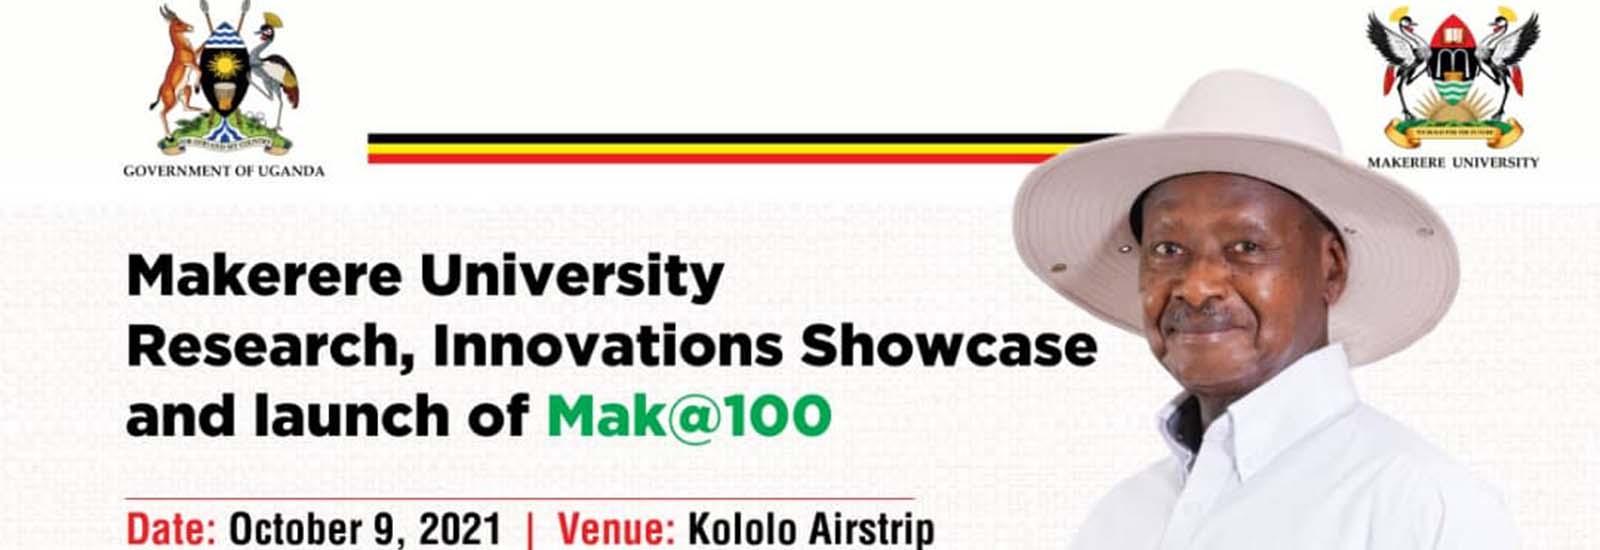 Launch of Mak@100 Celebrations